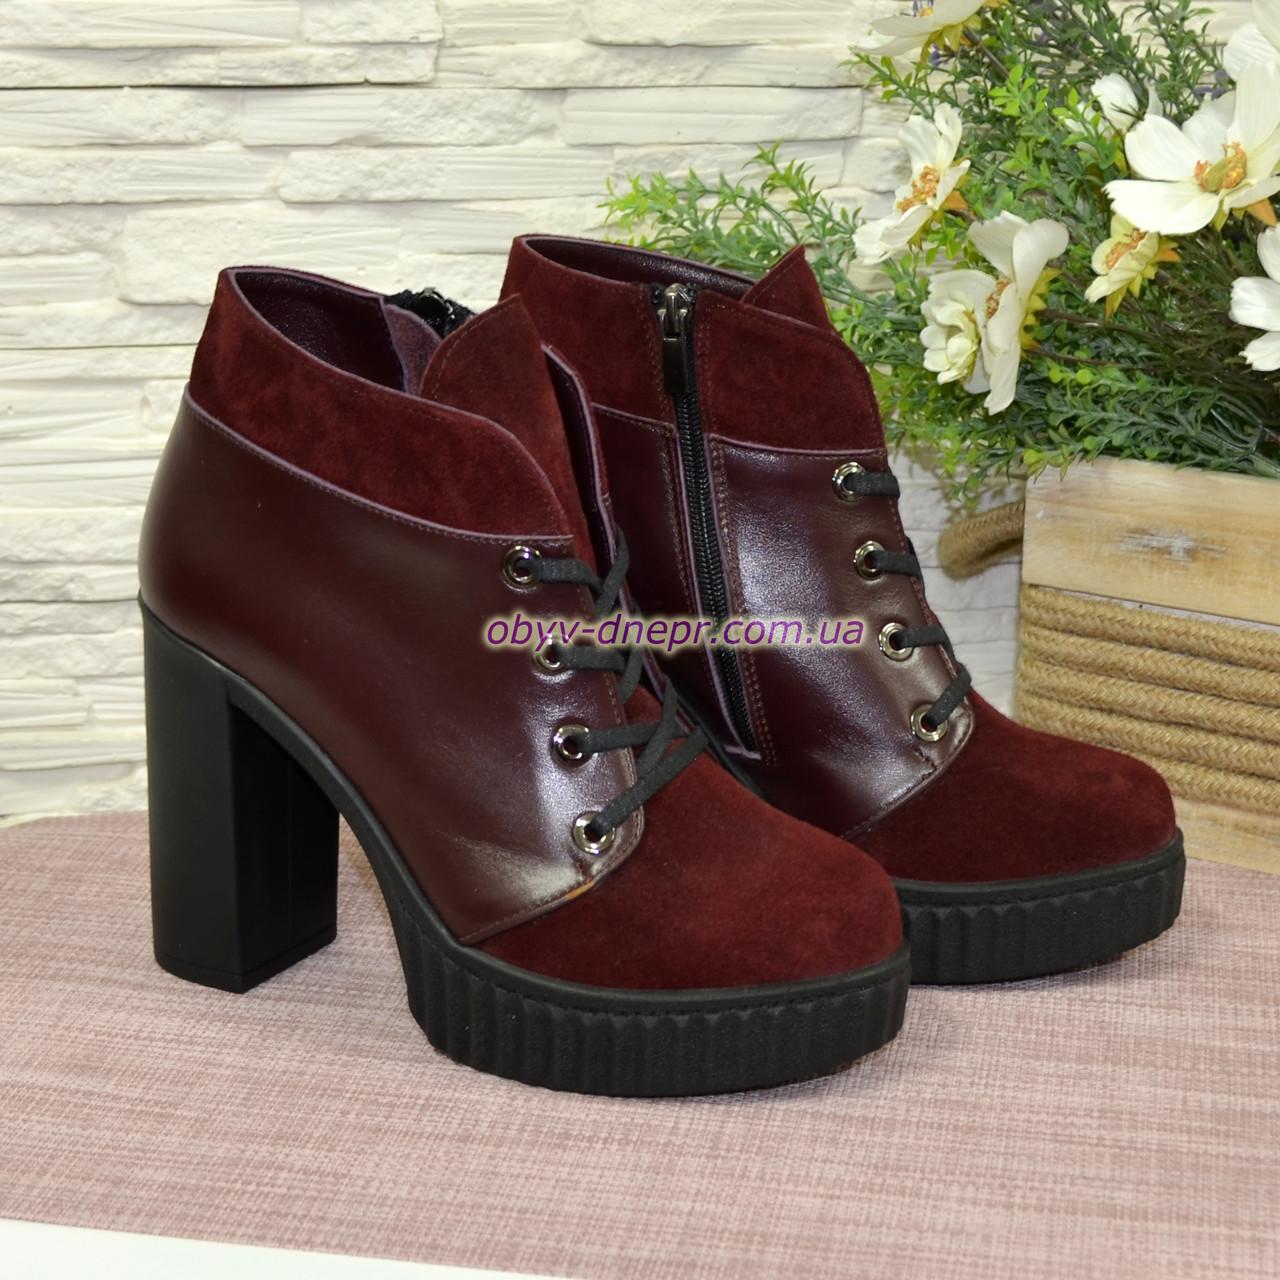 Ботинки демисезонные женские на высоком каблуке, натуральная замша и кожа бордового цвета